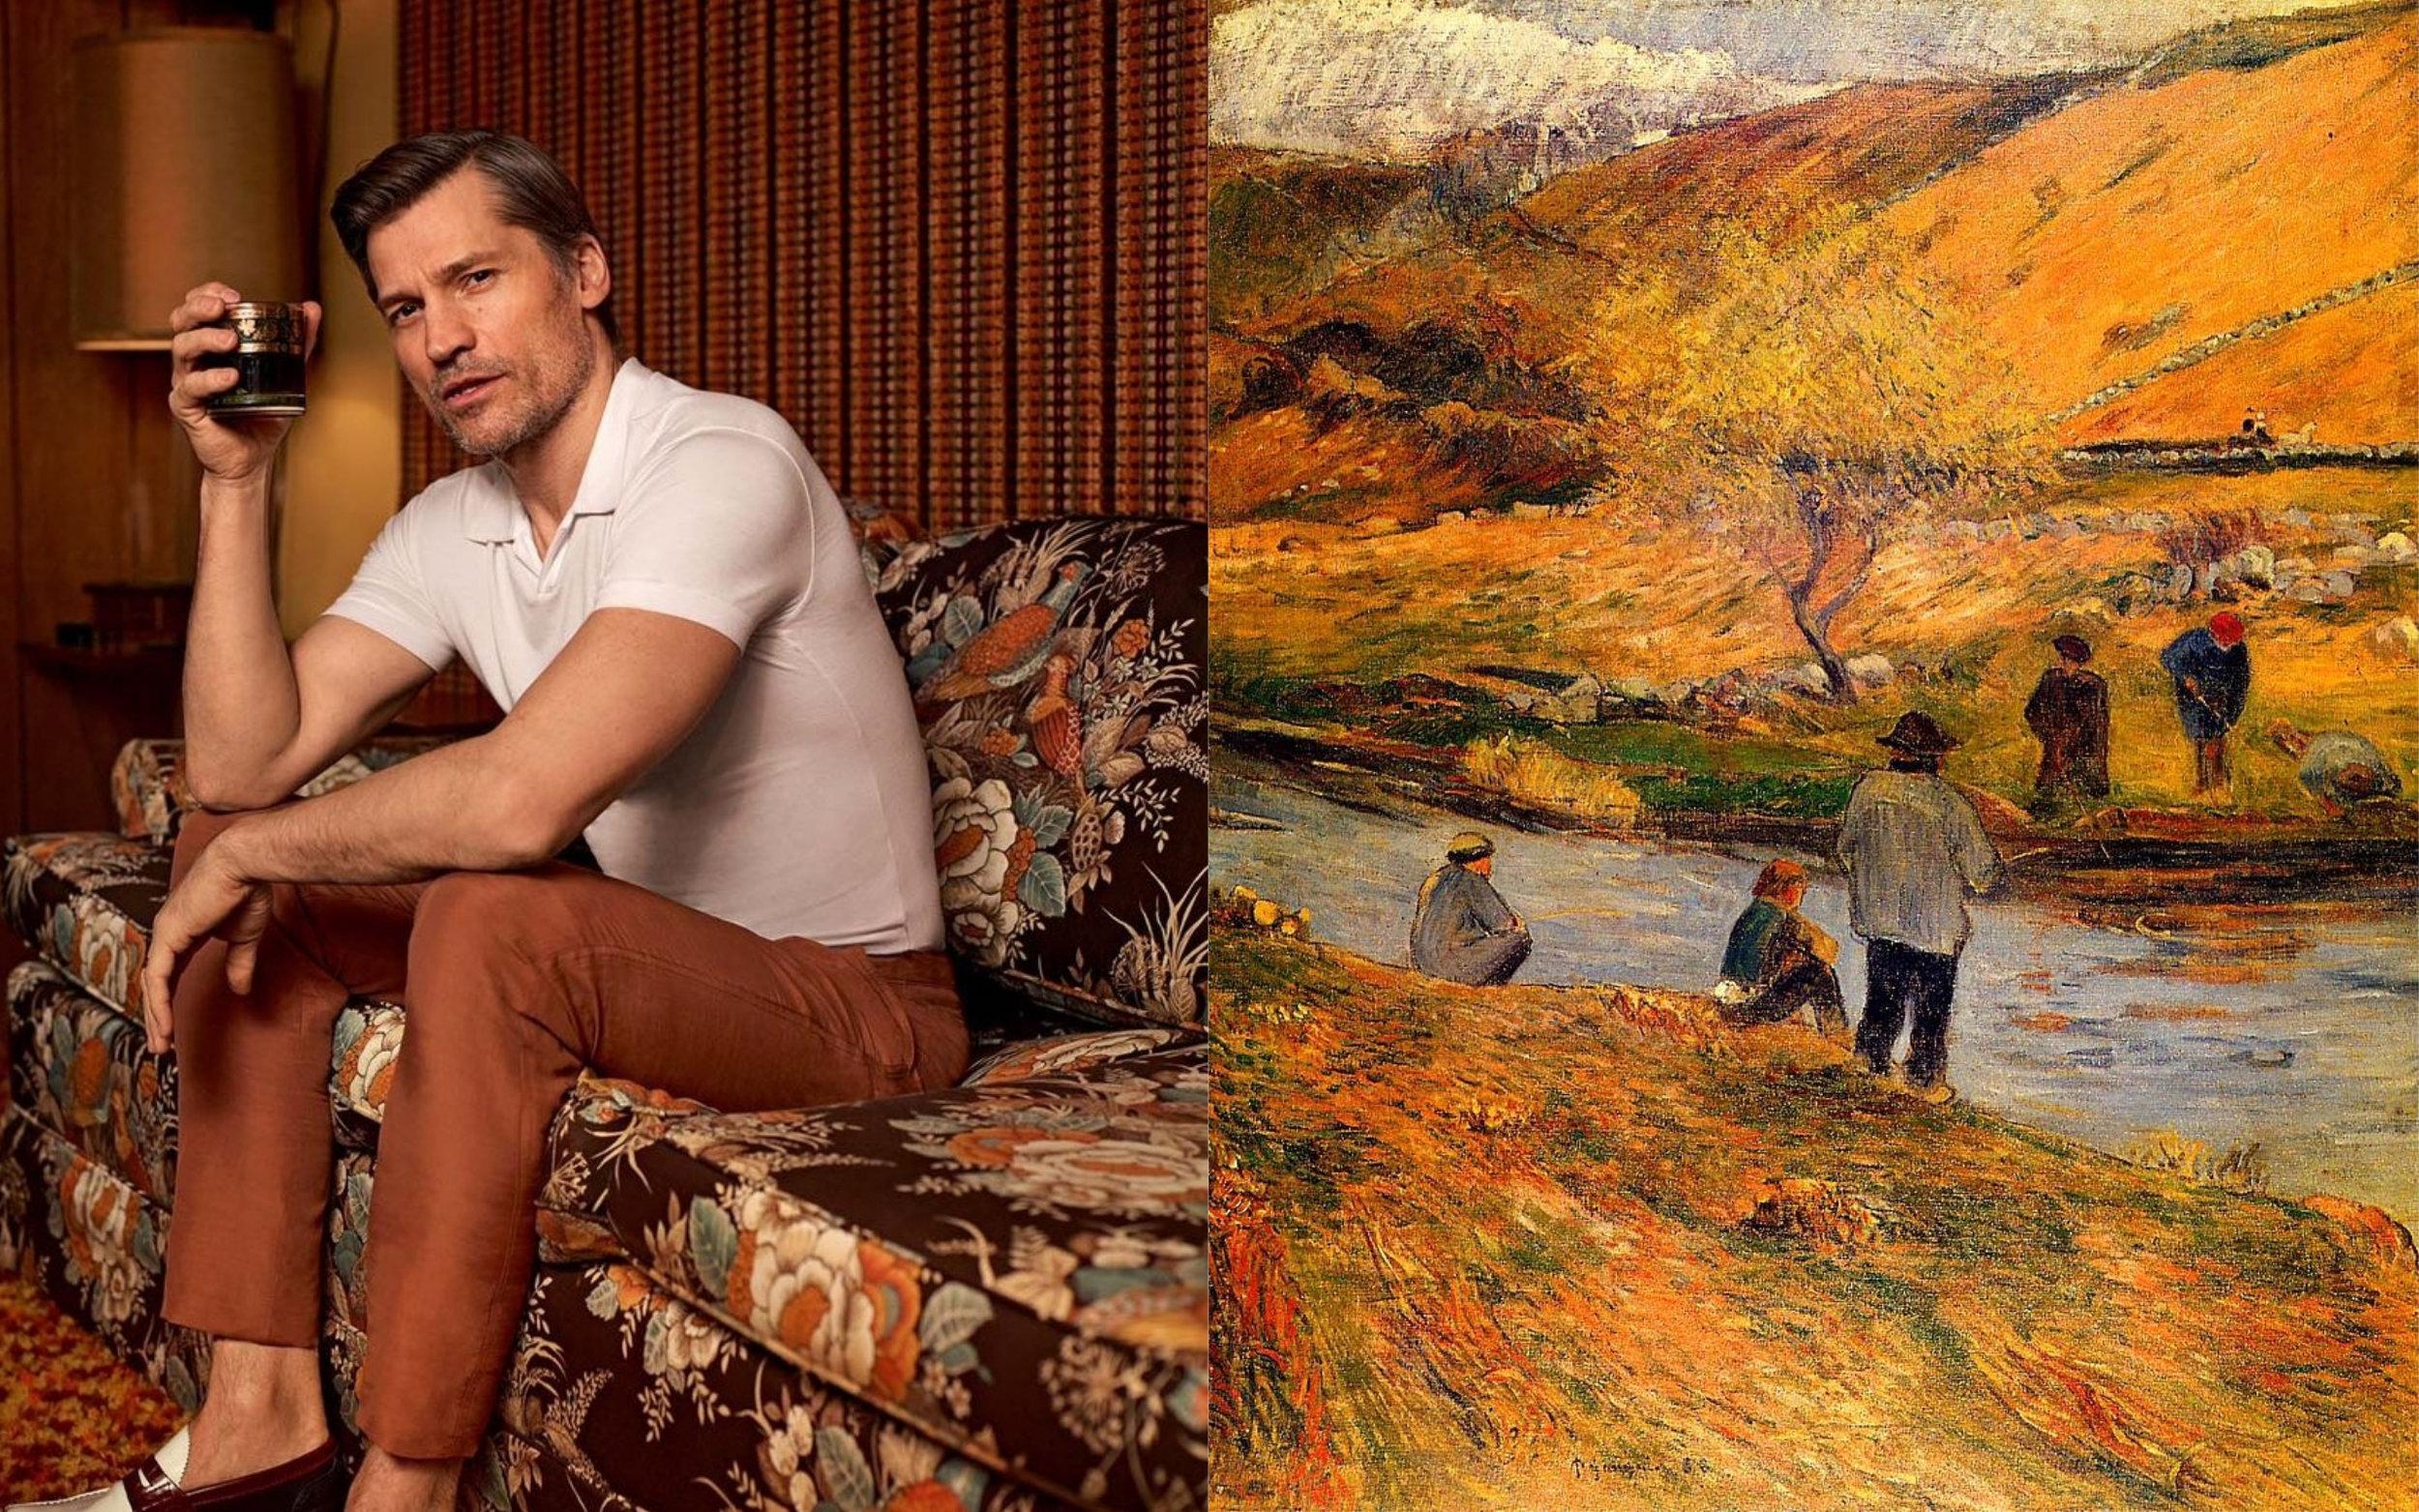 У Twitter шукають шедеври живопису, схожі на фотографії Ніколая Костер-Вальдано